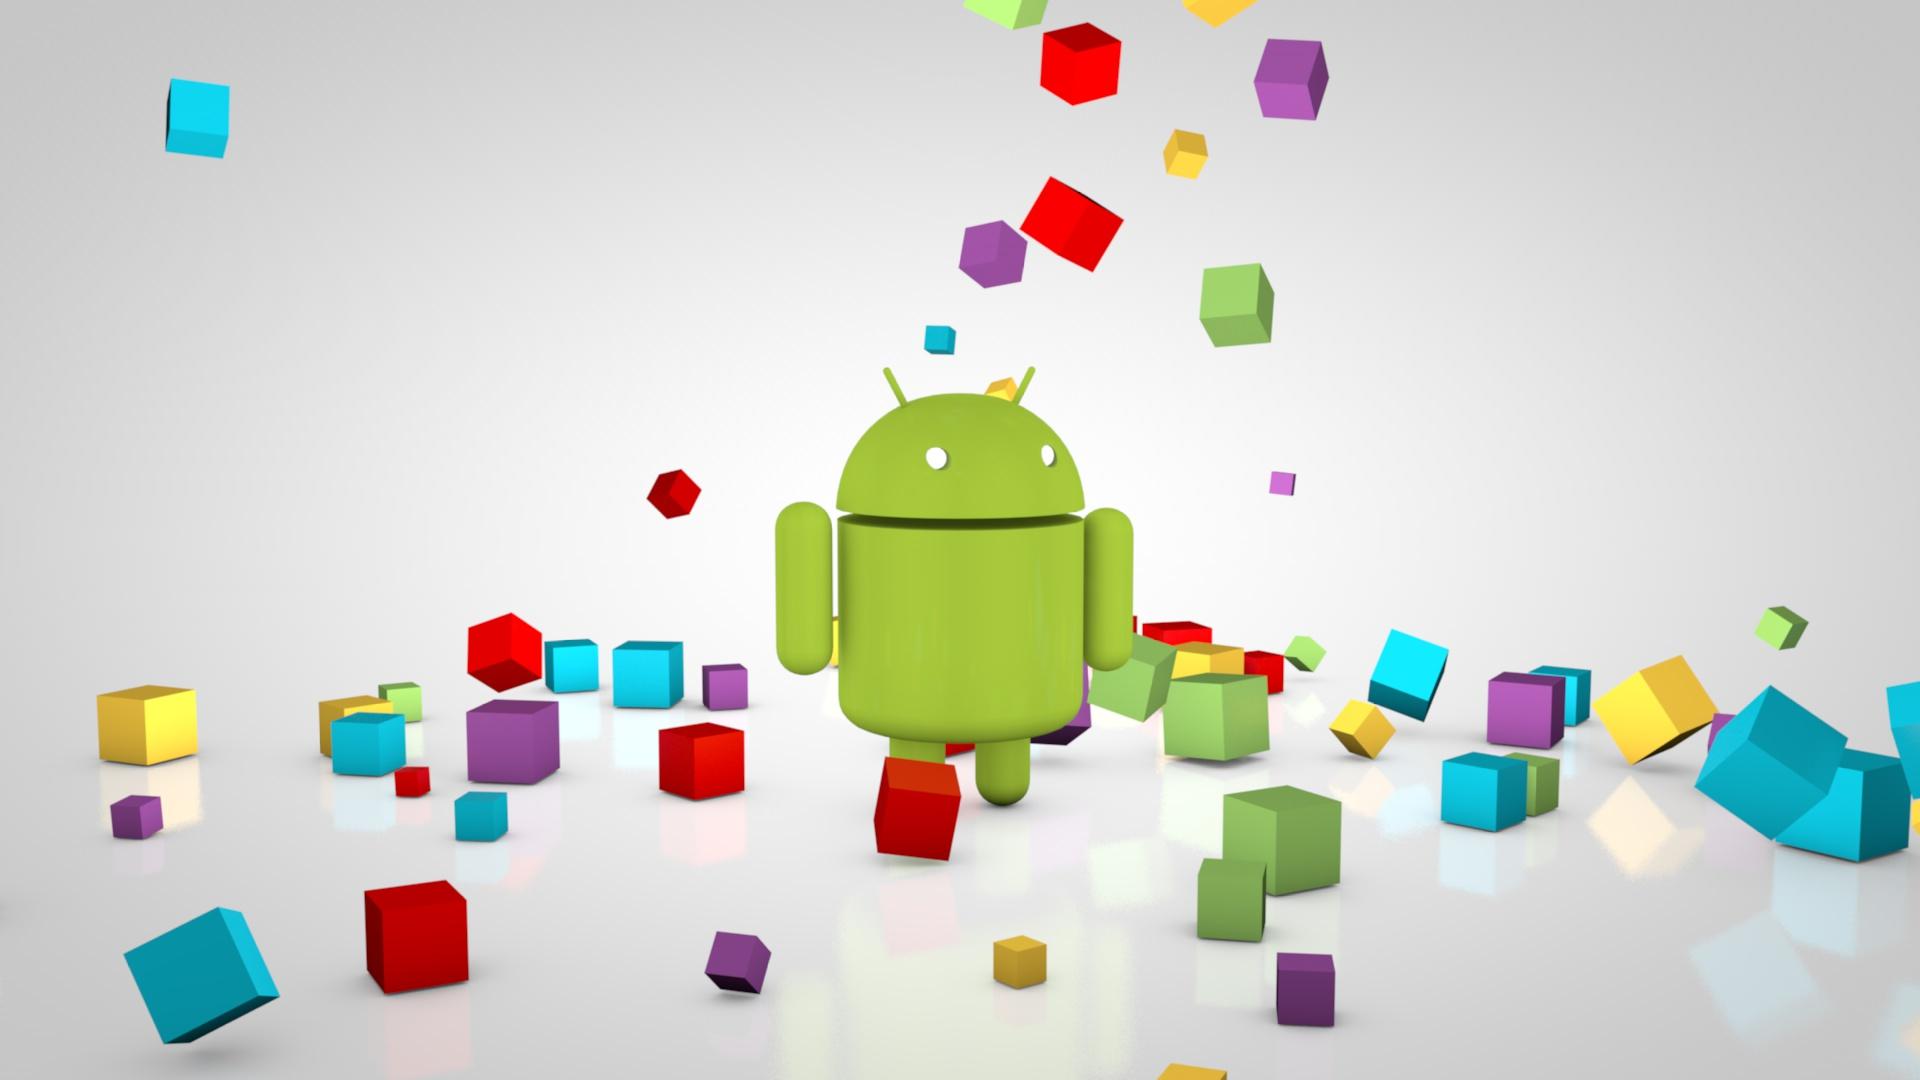 Google Play Looping Videos